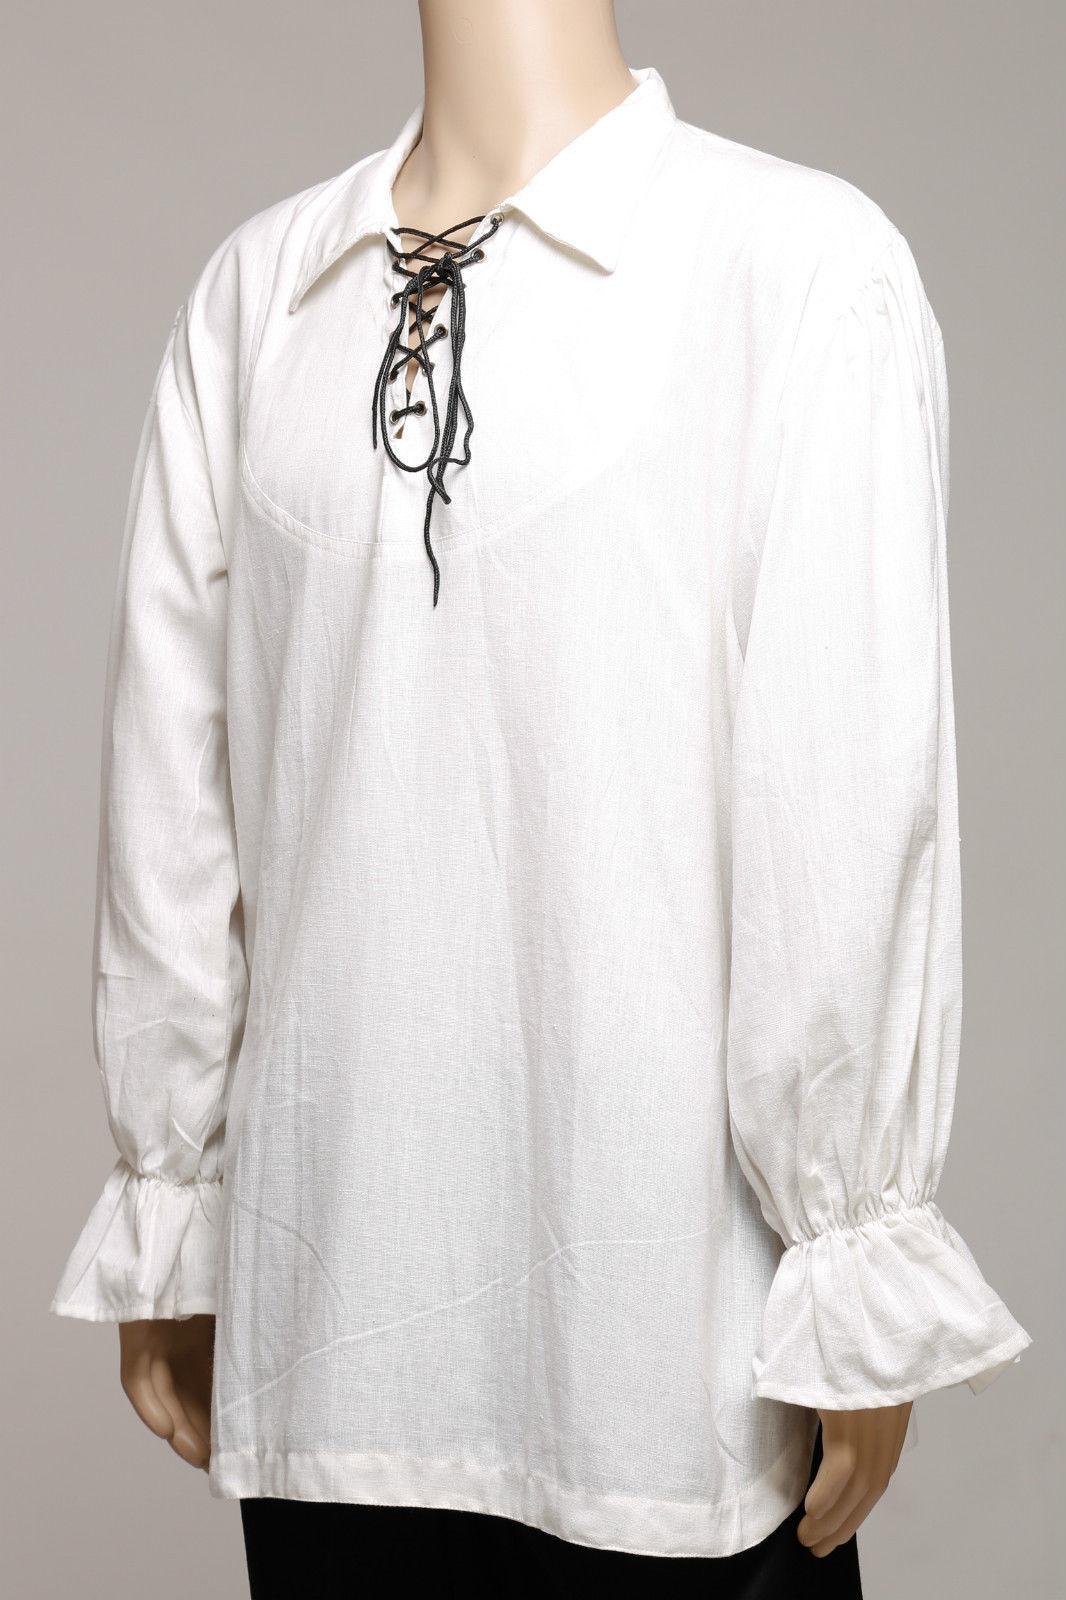 Casual estate Rinascimento Pirata medieval shirt Bianca Uomo Colletto Colletto Colletto Polsini fluttuante 9e83bf